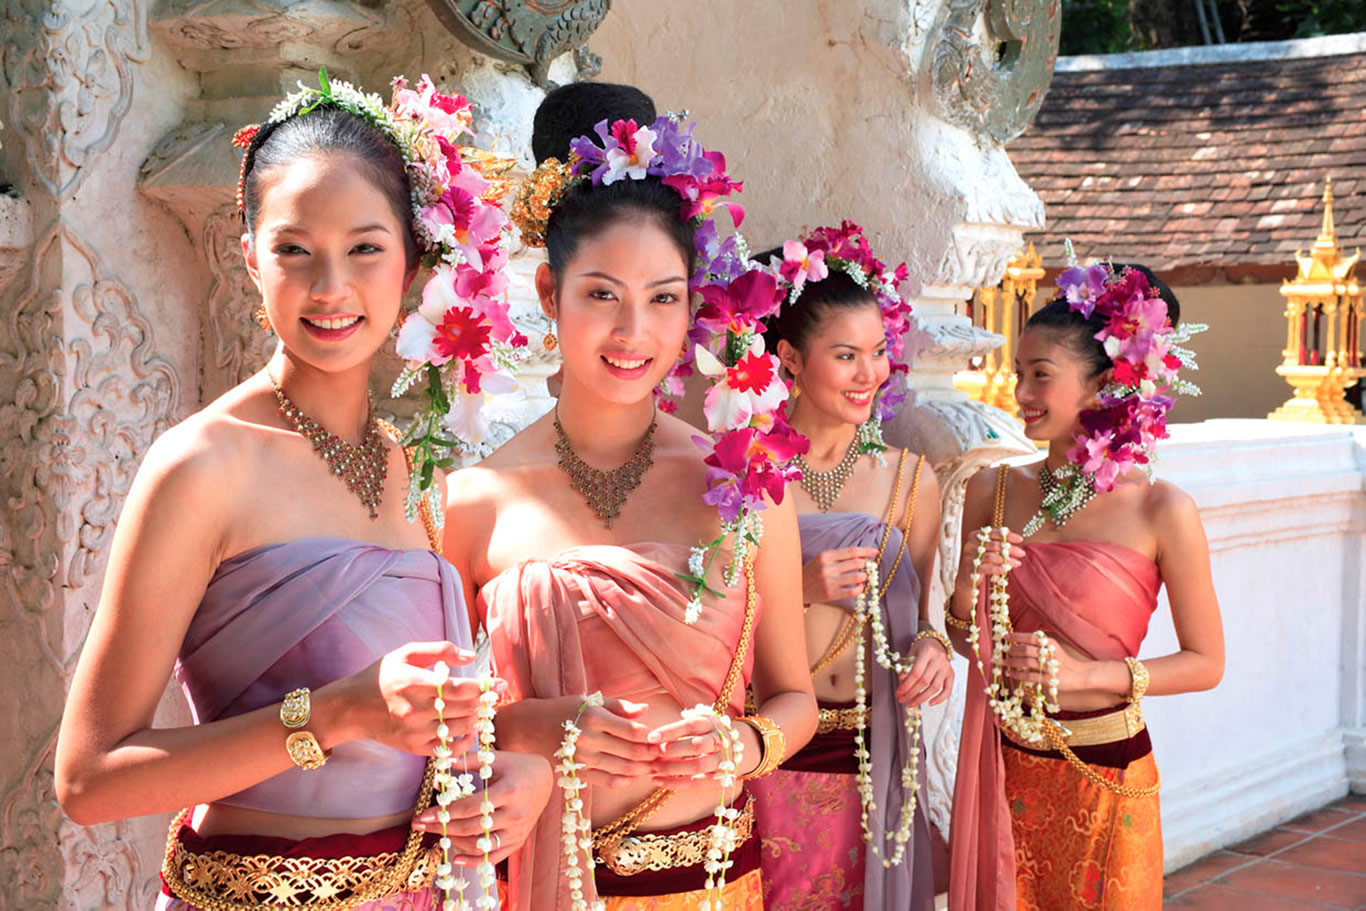 美女献花仪式 欢迎大家来到泰国旅游观光